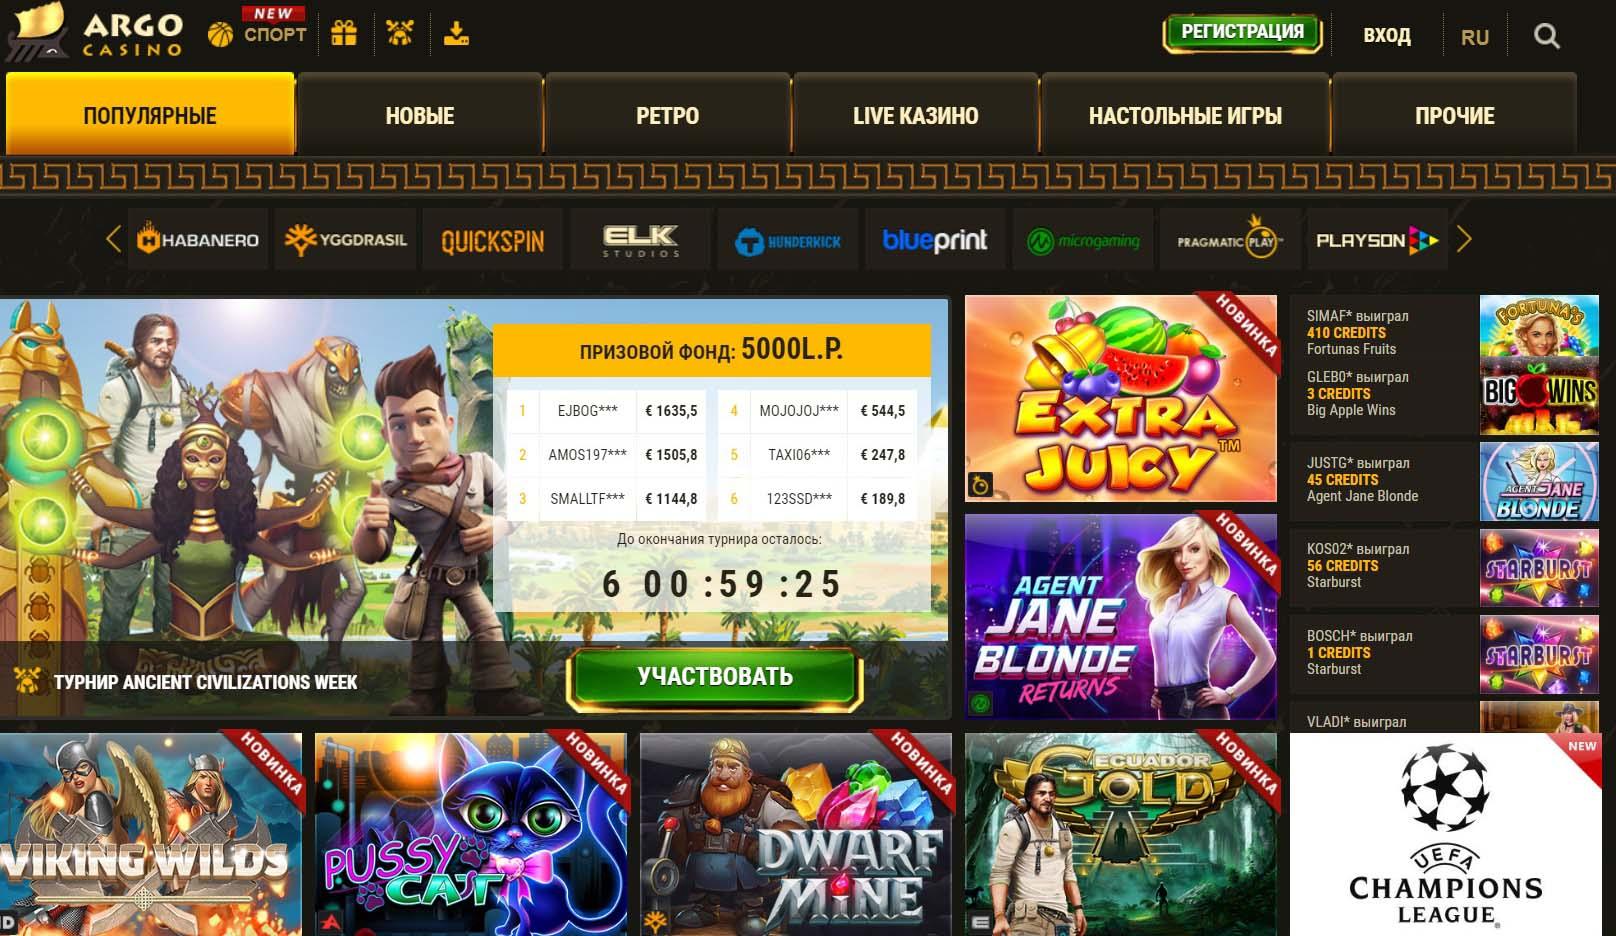 казино арго официальный сайт вход